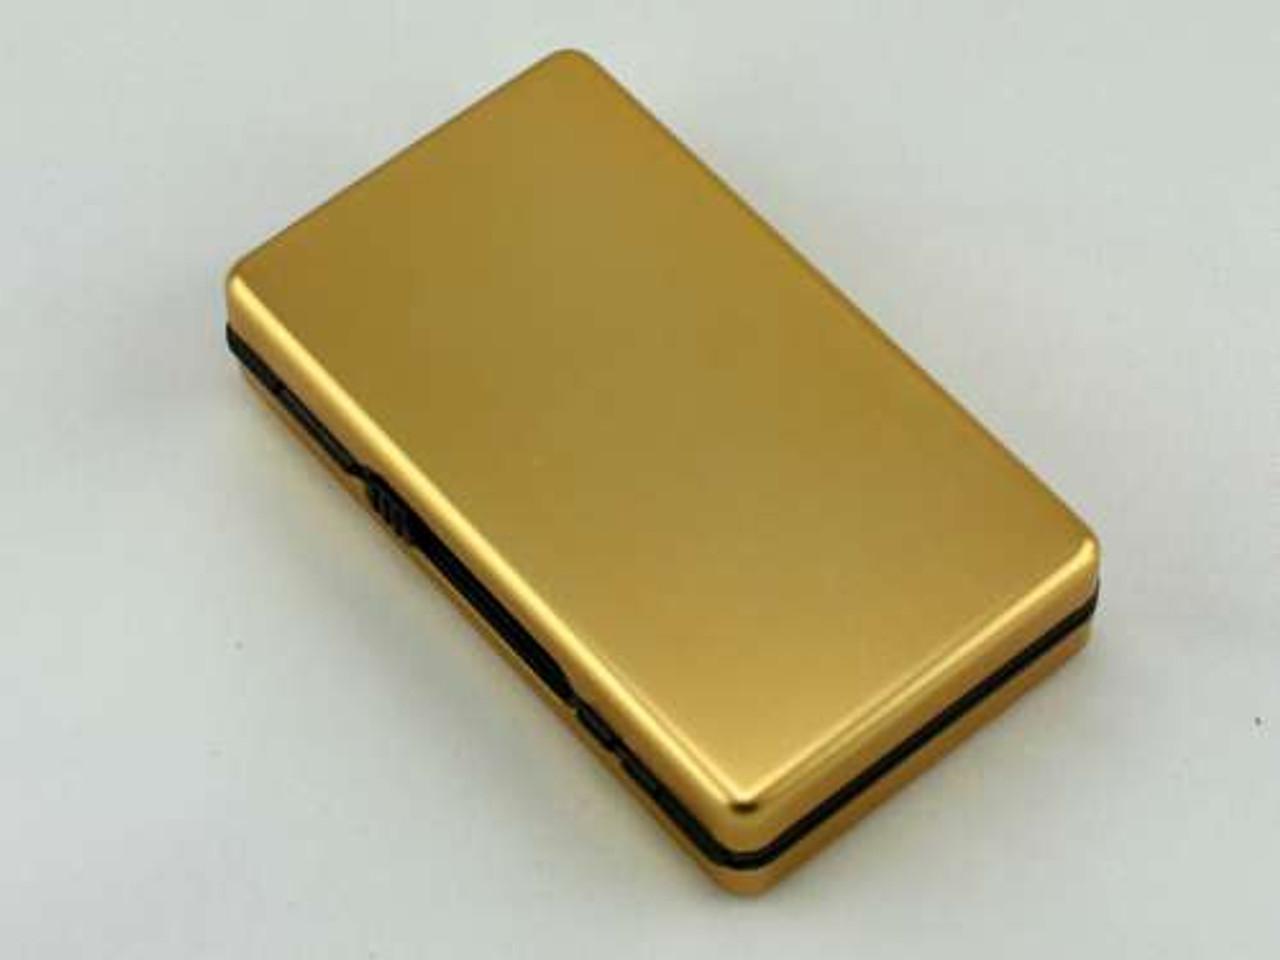 Gold Auto Slide Cigarette Case